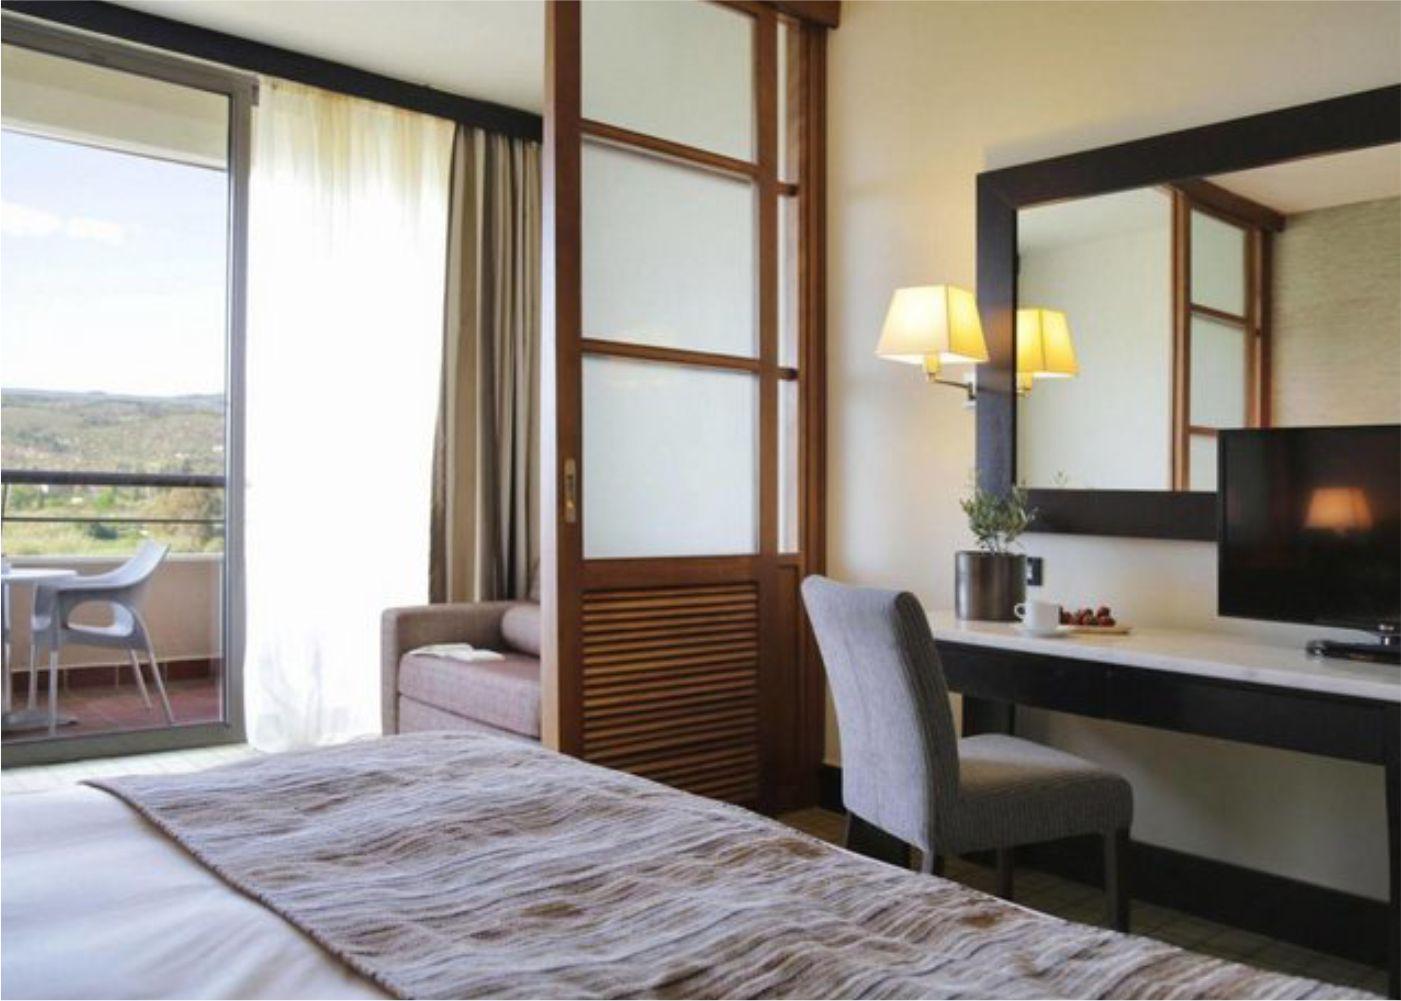 paraskevi-interior-design-porto-carras-hotel-6